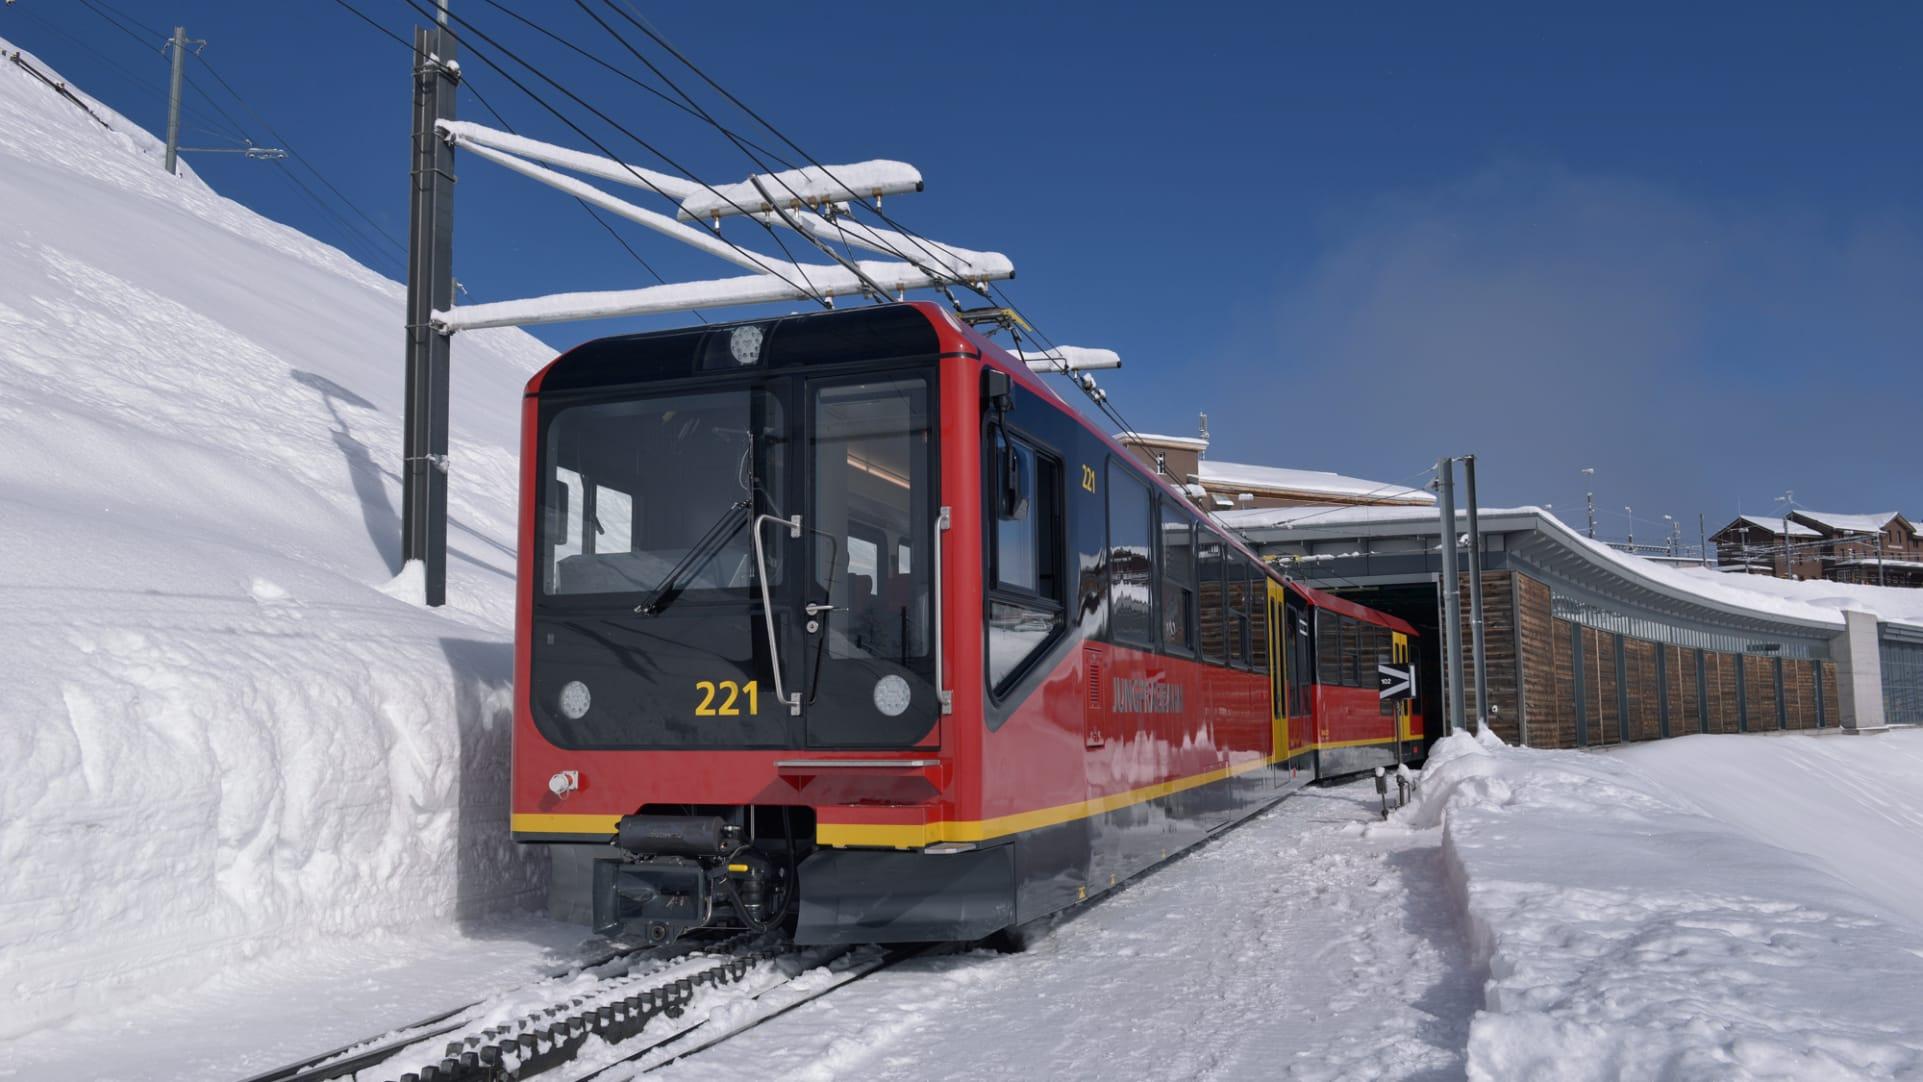 06 vbahn jungfraubahn schnee galerie